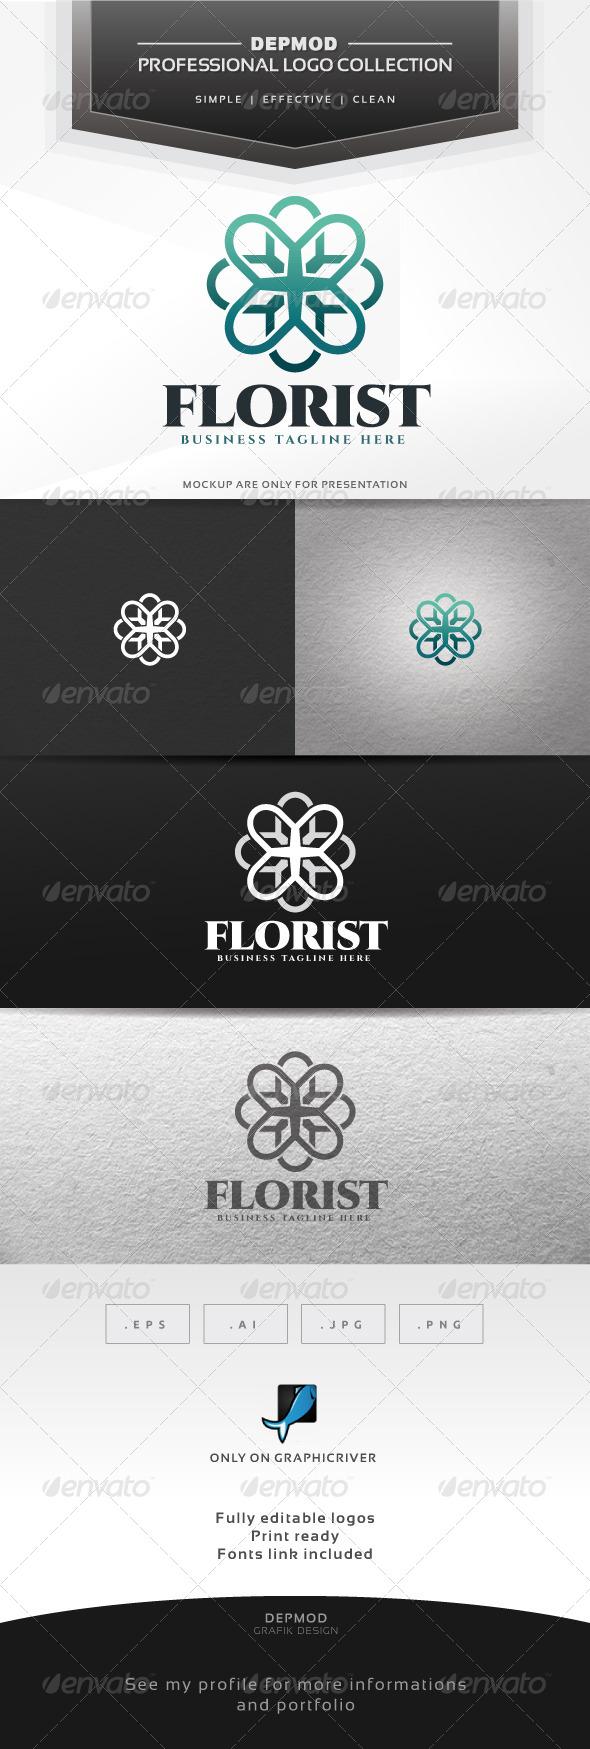 GraphicRiver Florist Logo 6860324